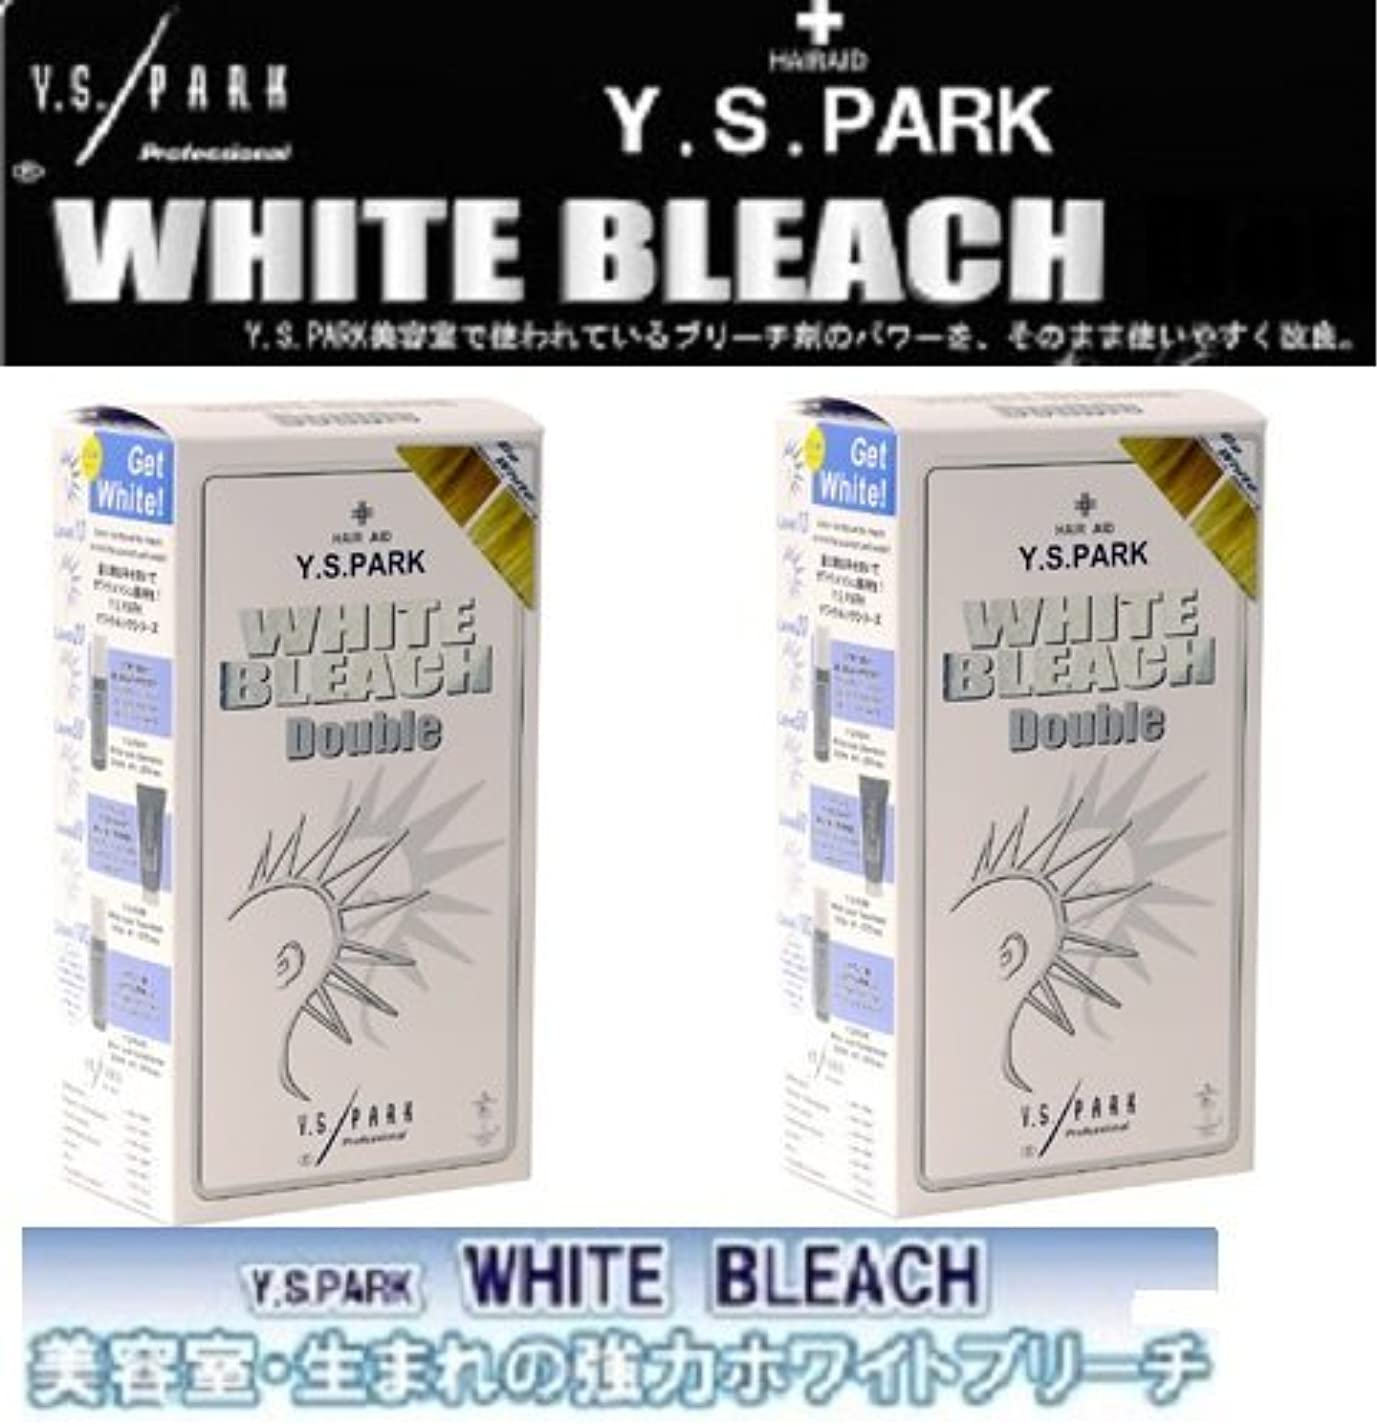 料理をするエジプト人スローY.S.パーク ホワイトブリーチ ダブル60g(お得な2個組)美容室生まれの強力ホワイトブリーチ?強力ホワイトブリーチに大容量サイズが登場!